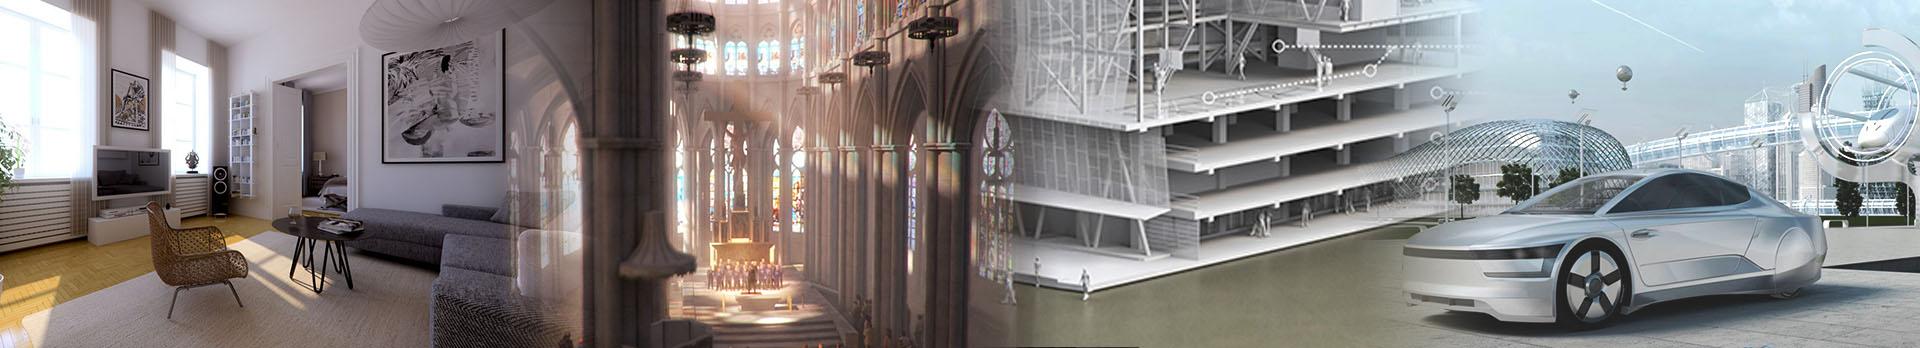 mkfx Architektur Visualisierung